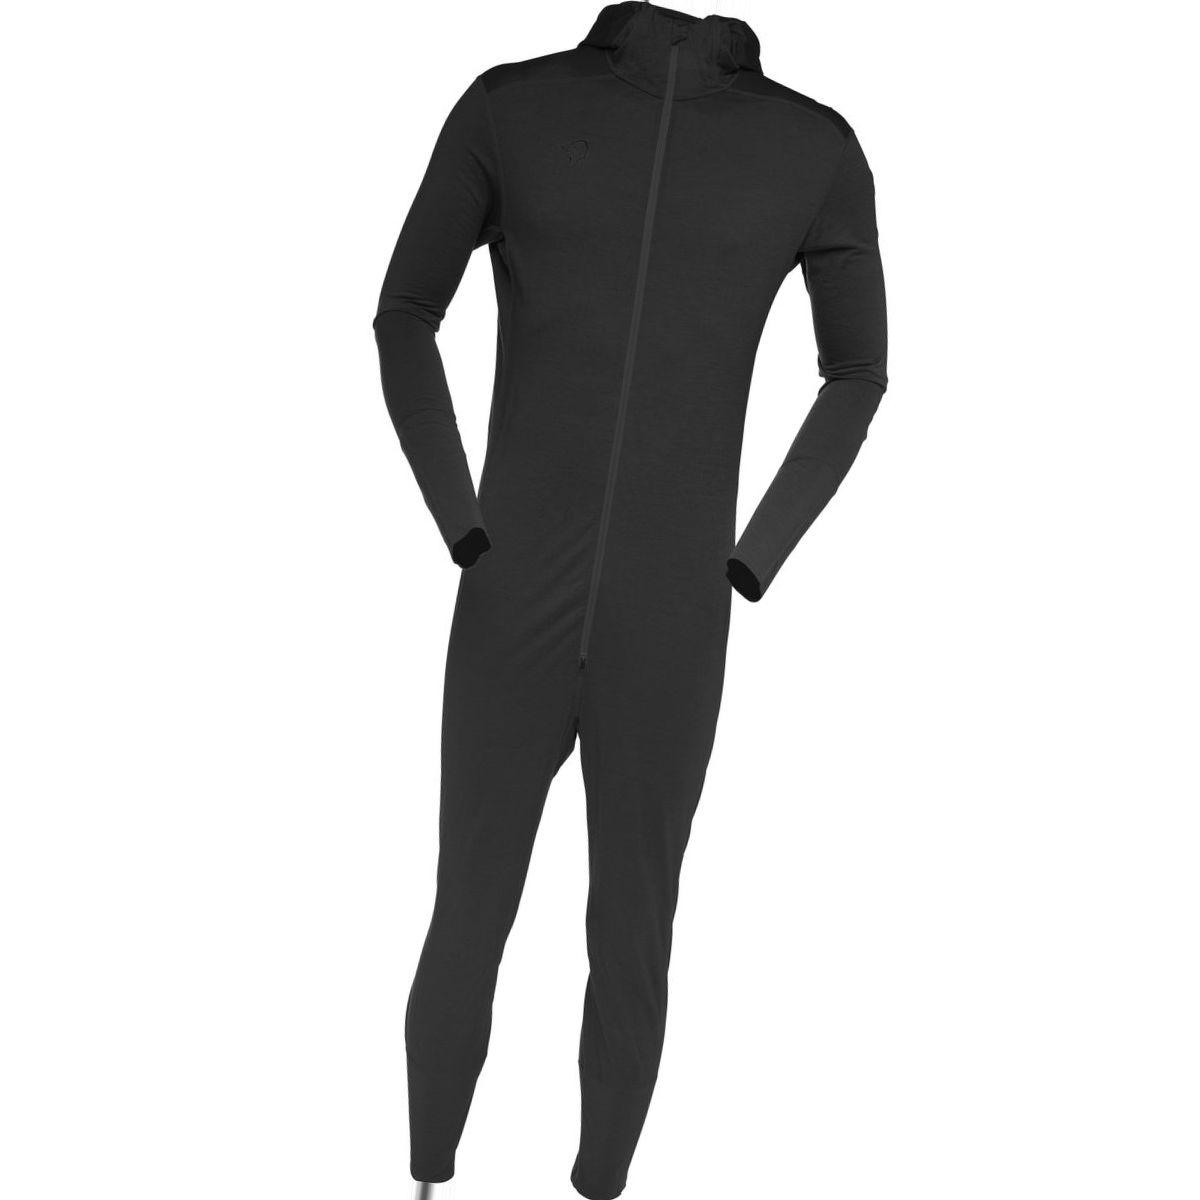 Norrona Wool One-Piece Long Underwear - Men's